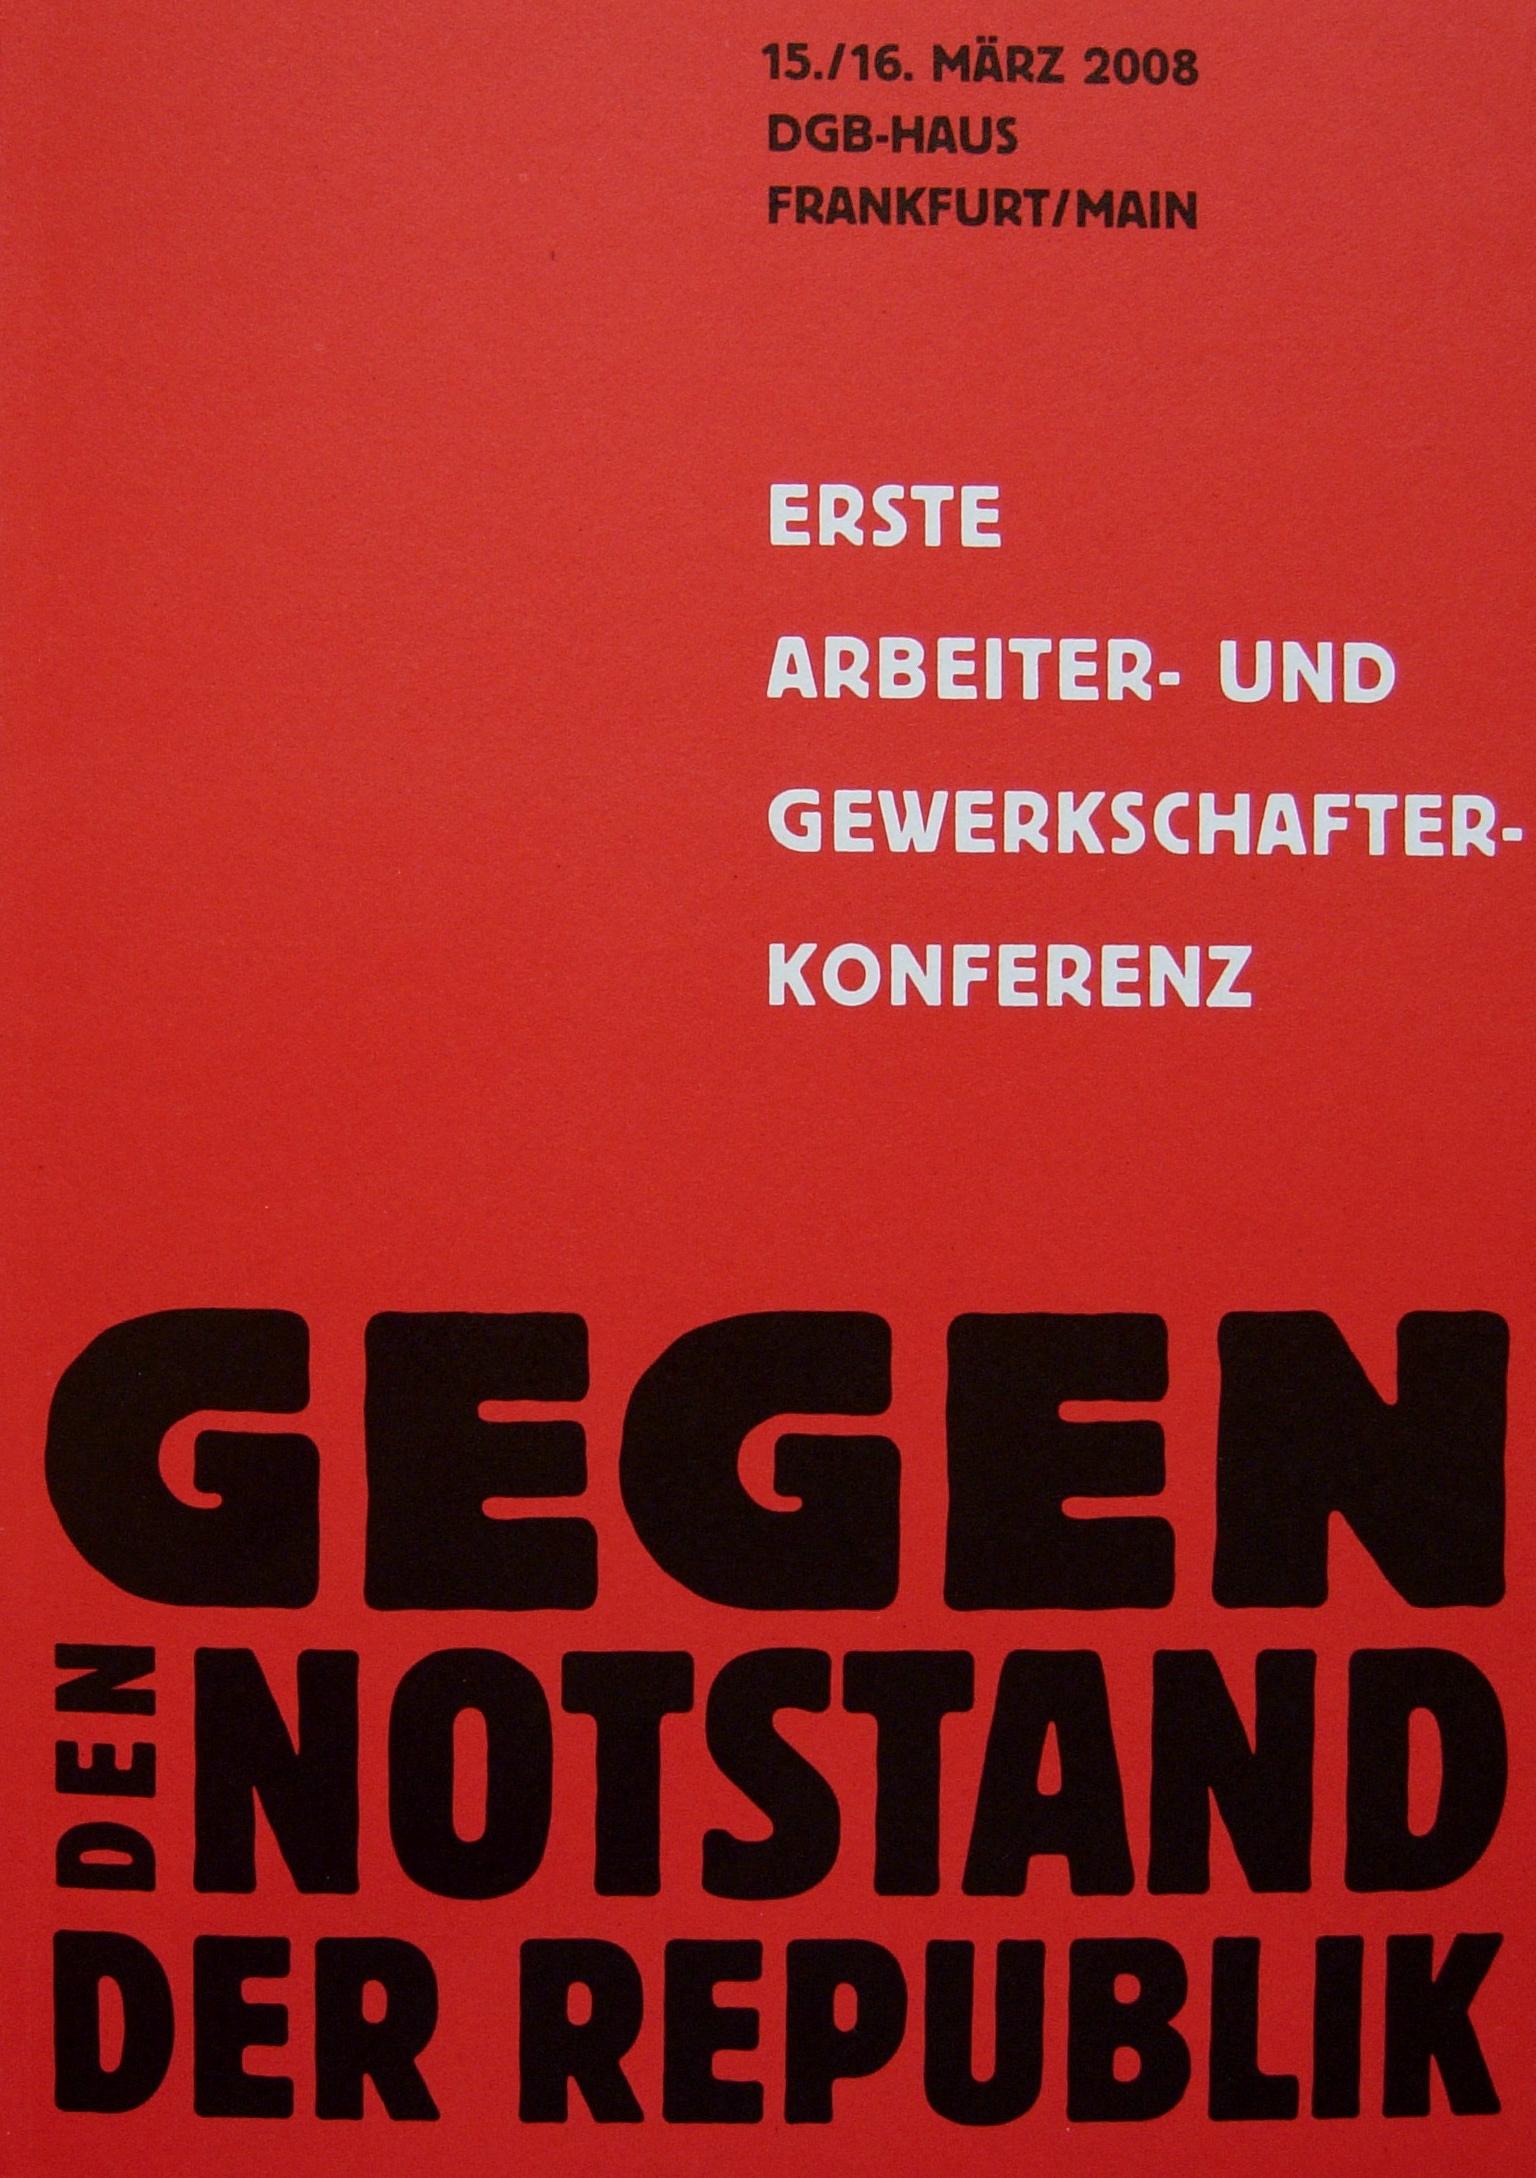 Bild der Broschüre der ersten Konferenz